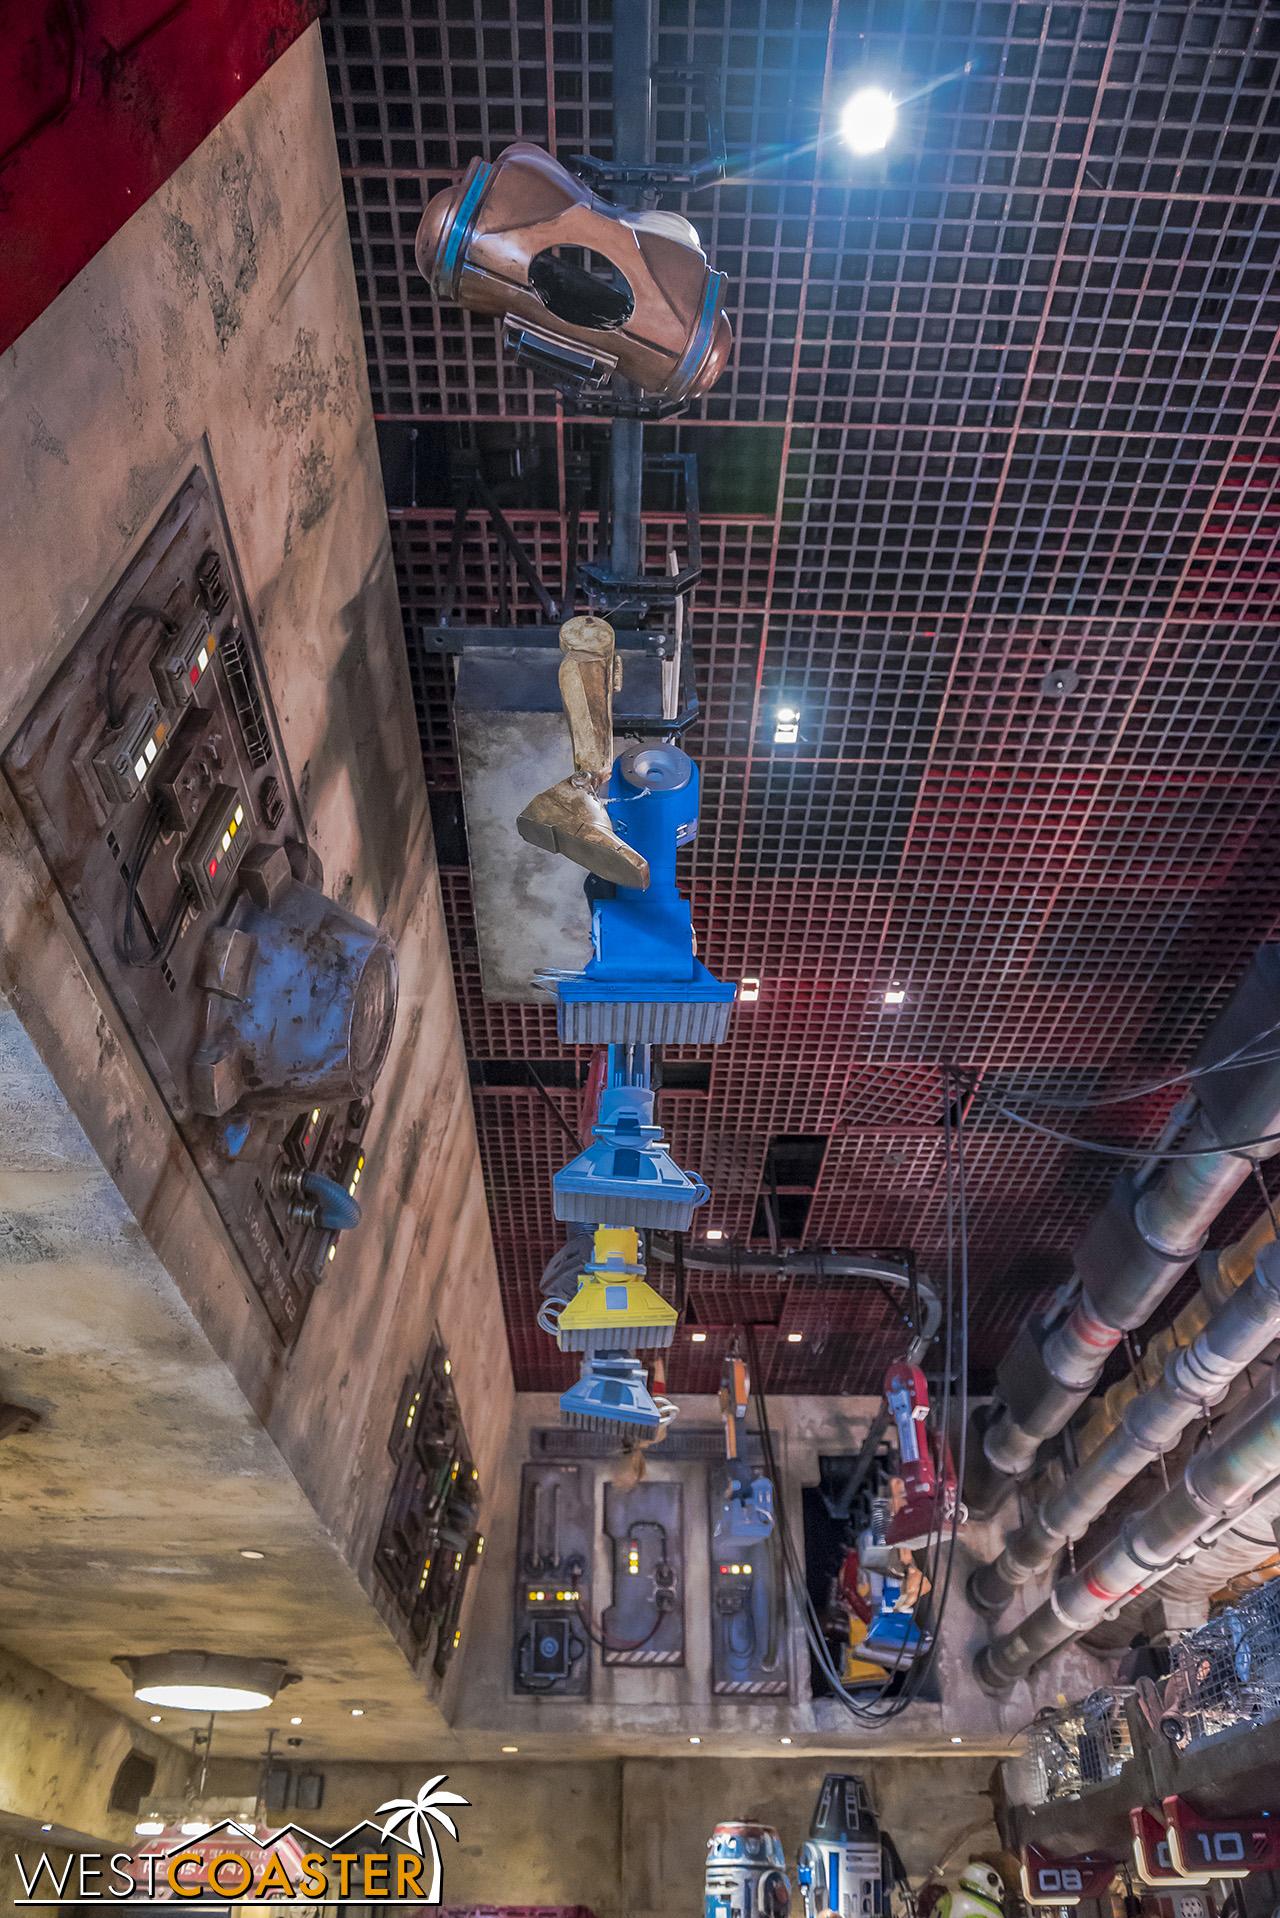 DLR-19_0625-B-DroidDepot-0003.jpg